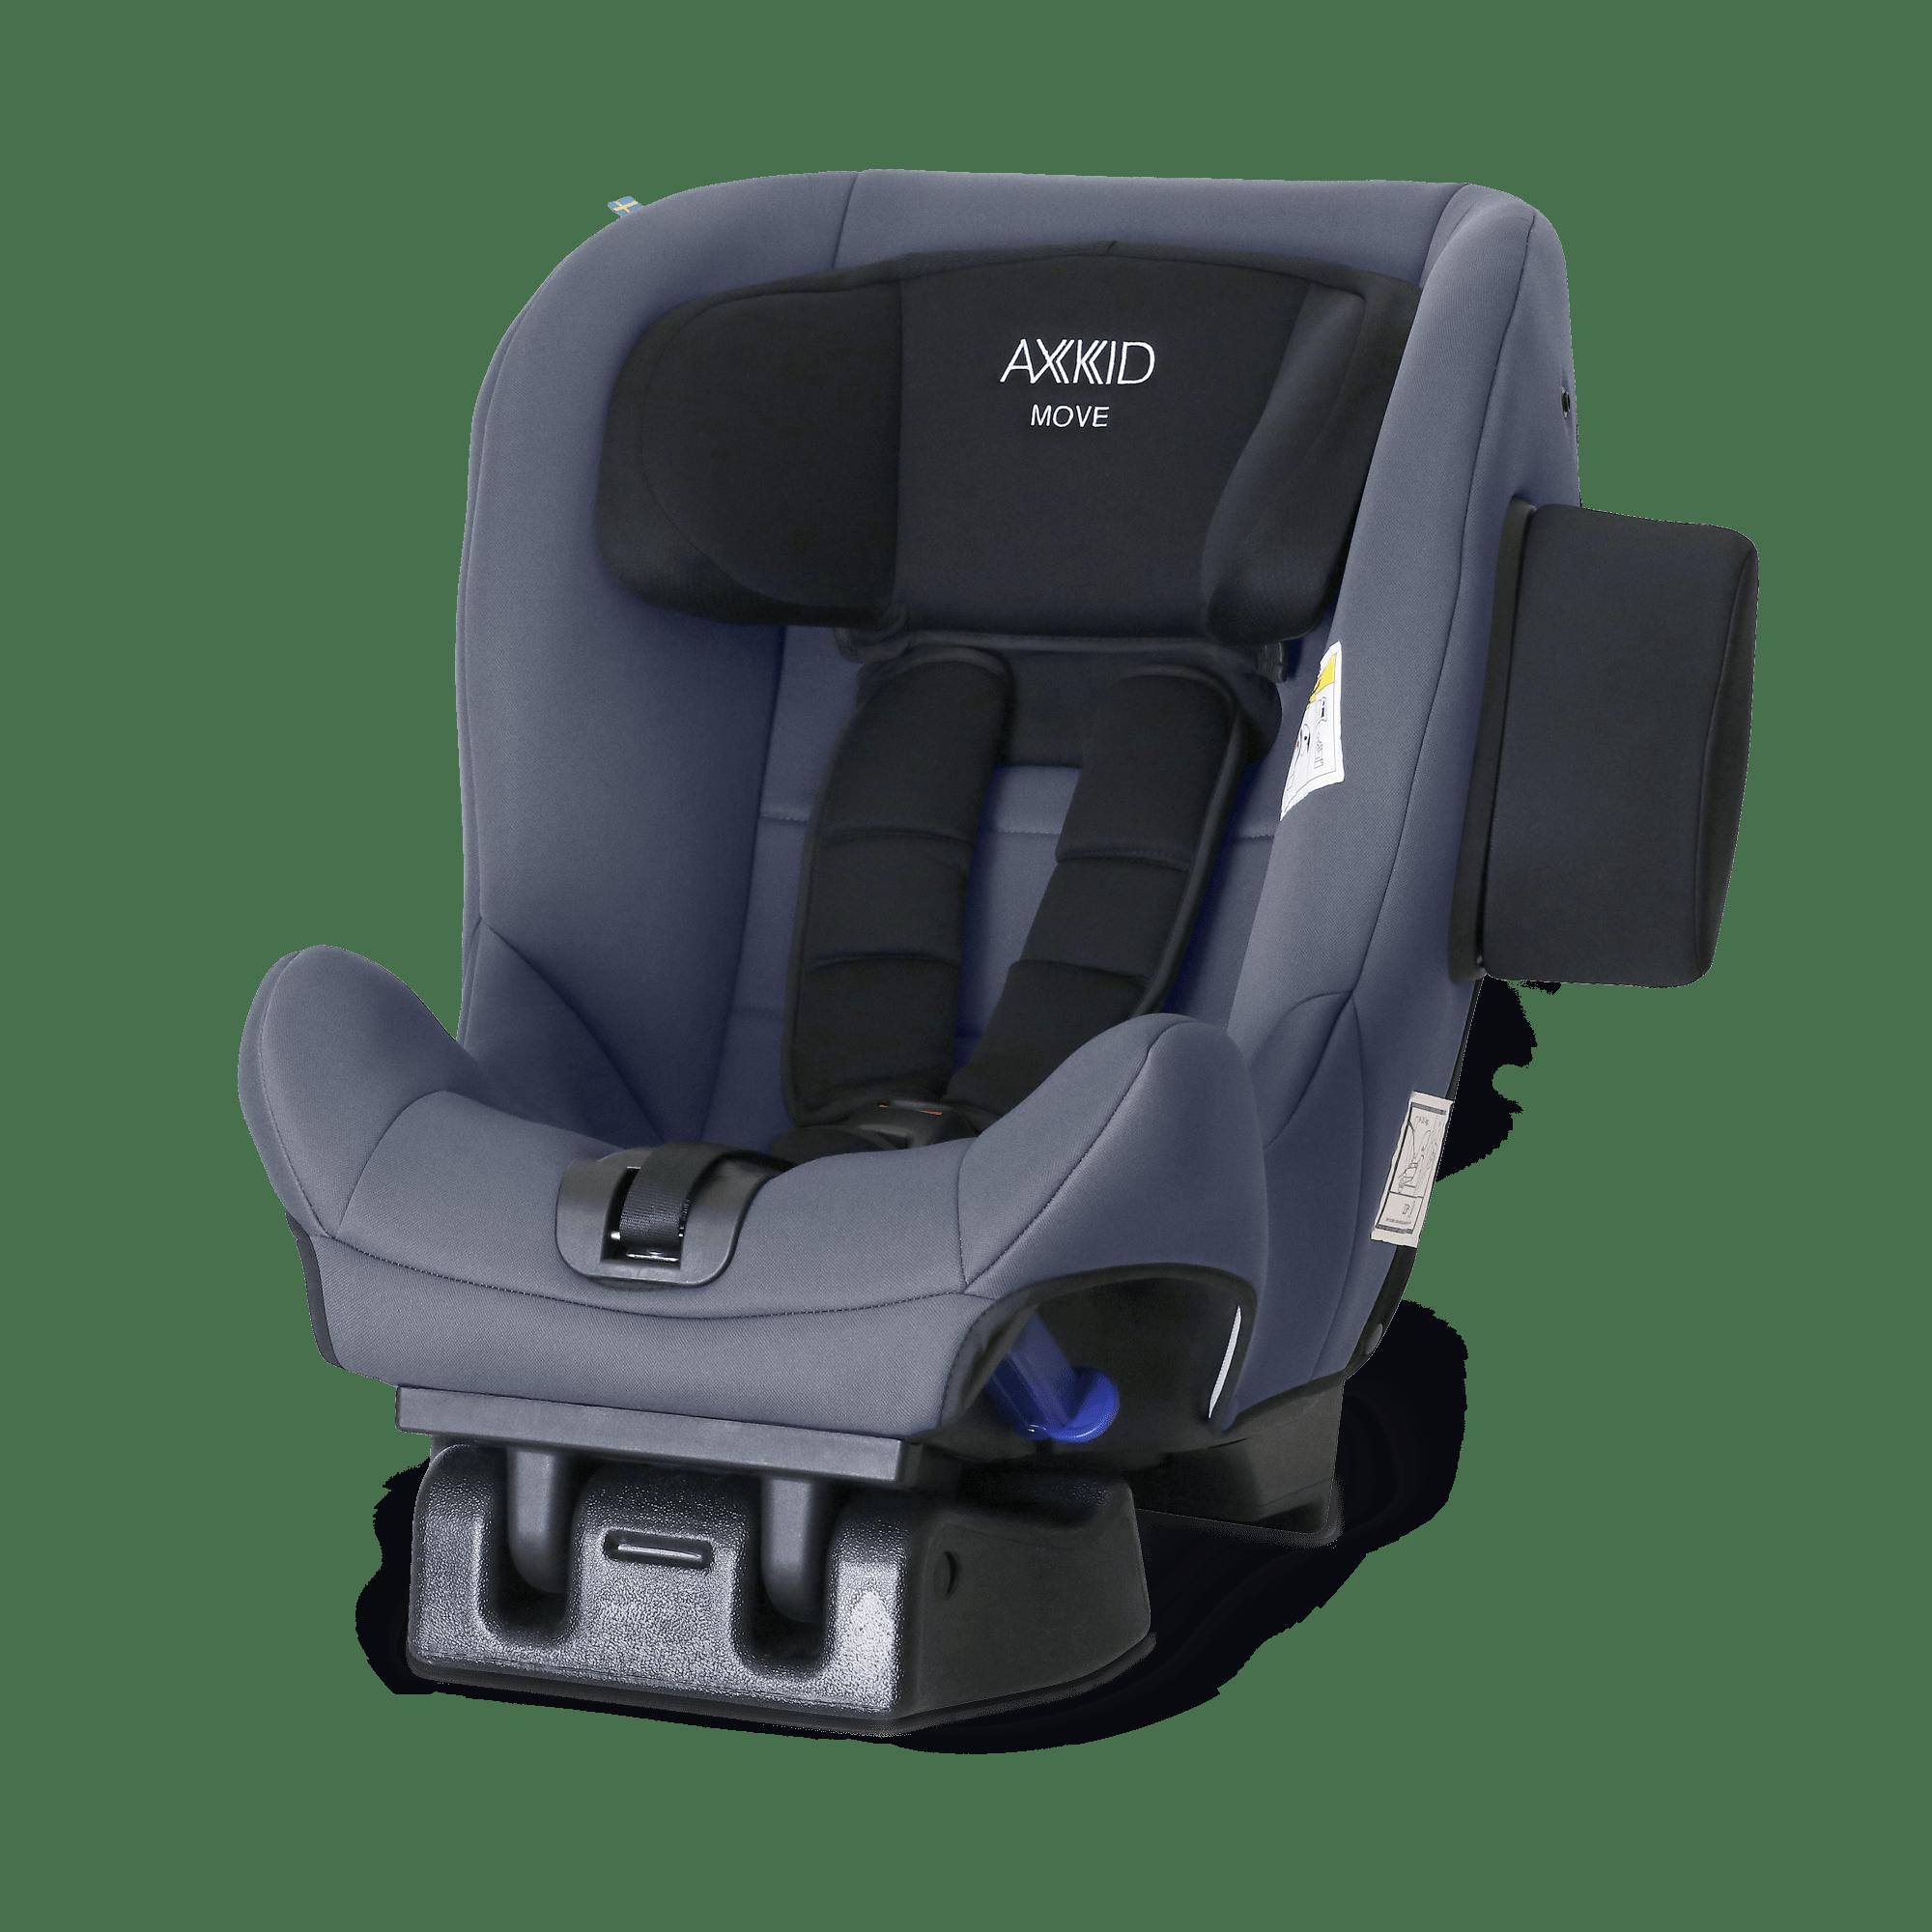 Rearfacing Car Seat - Axkid Move